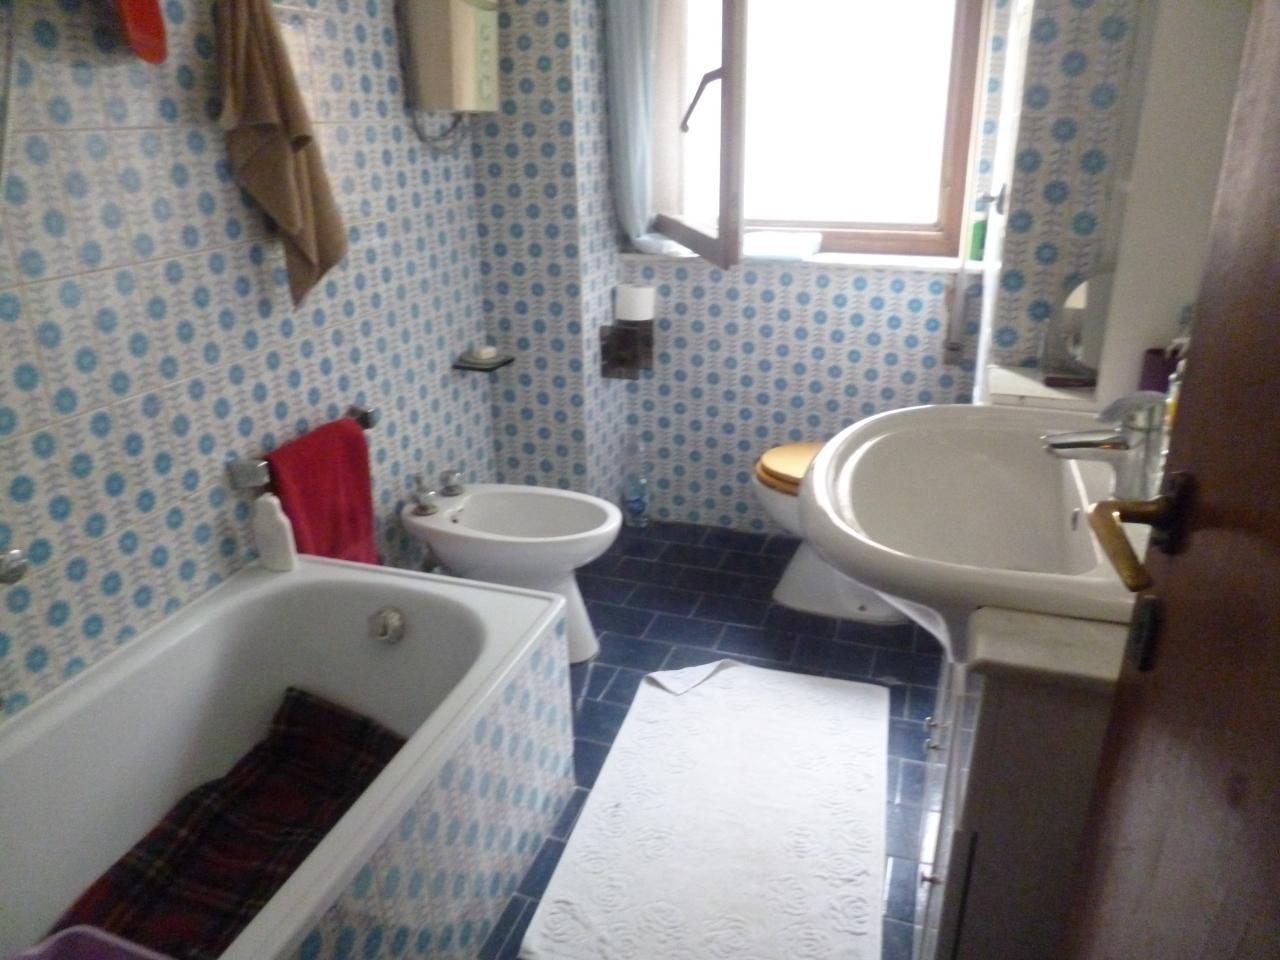 Rimodernare bagno rimodernare bagno latest coprire le piastrelle del bagno with with - Dipingere le piastrelle del bagno ...